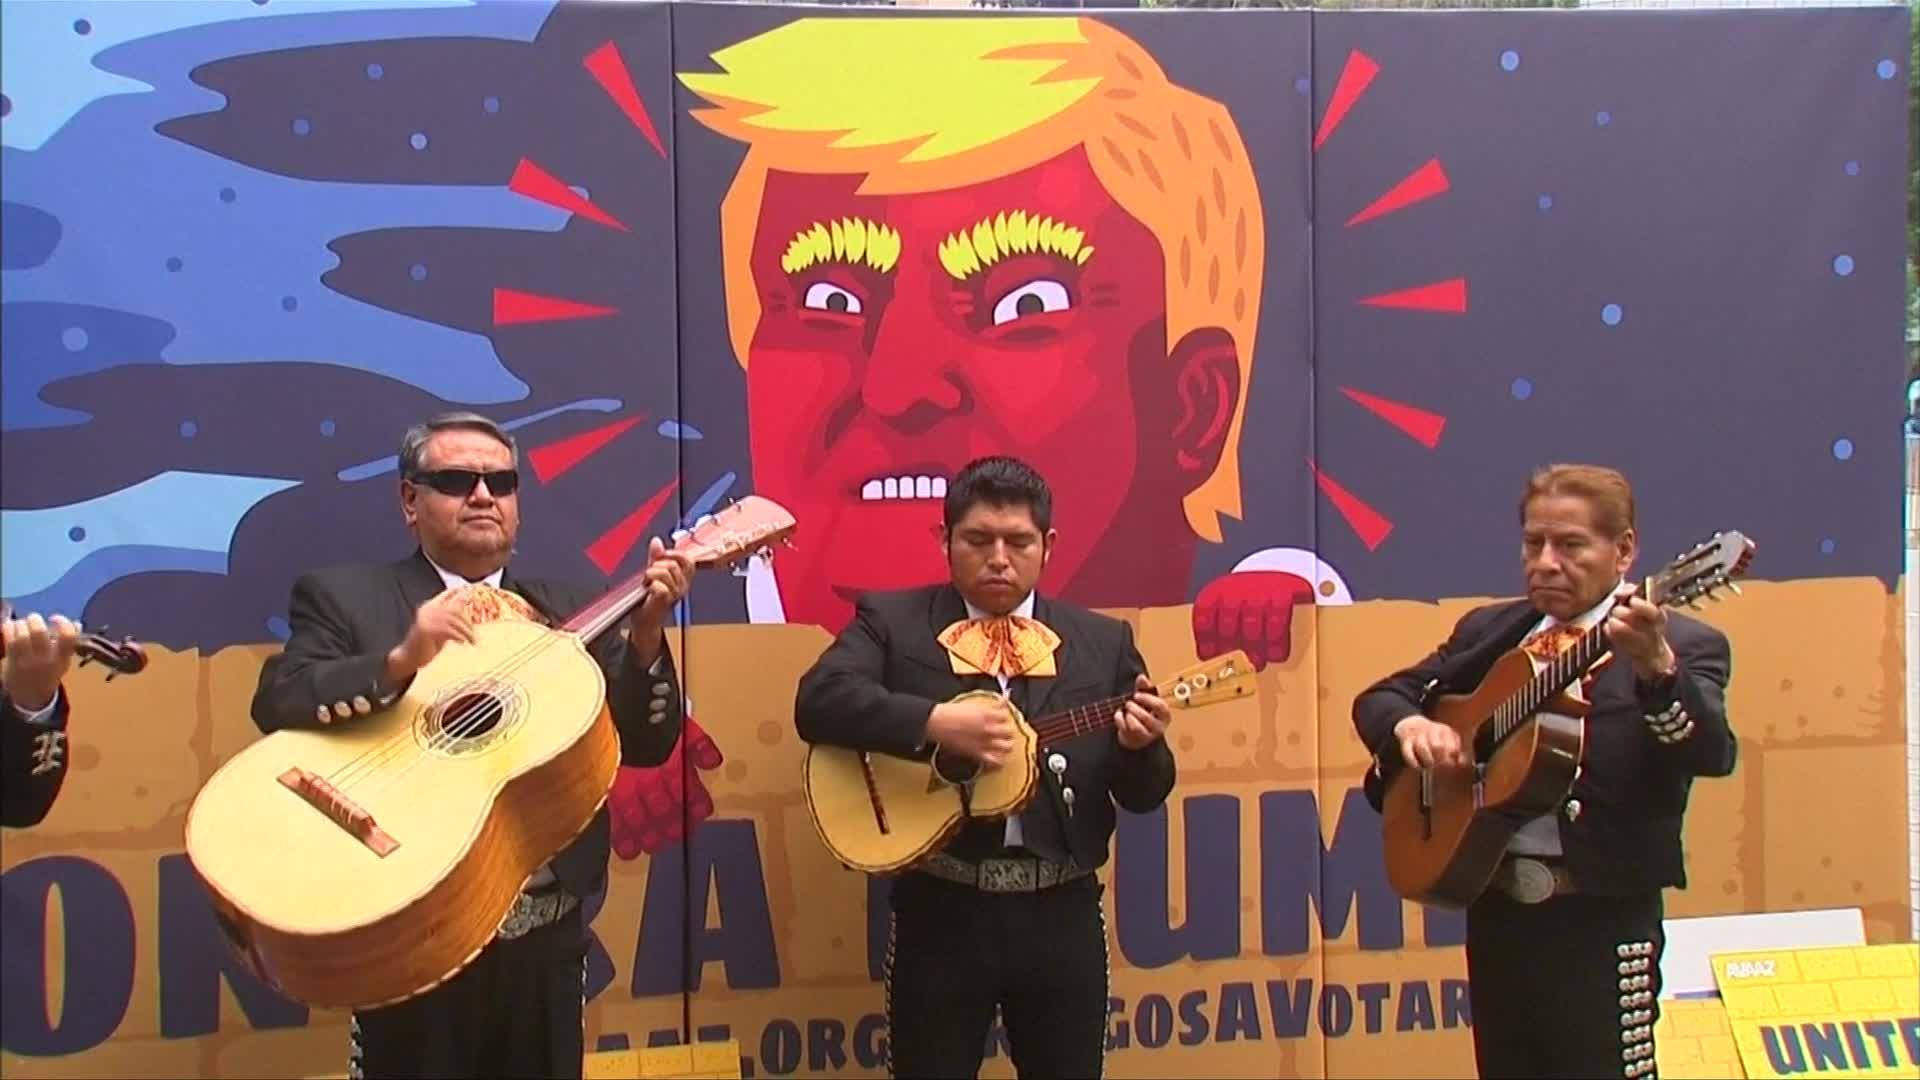 Anti-Trump campaign hits Mexico City